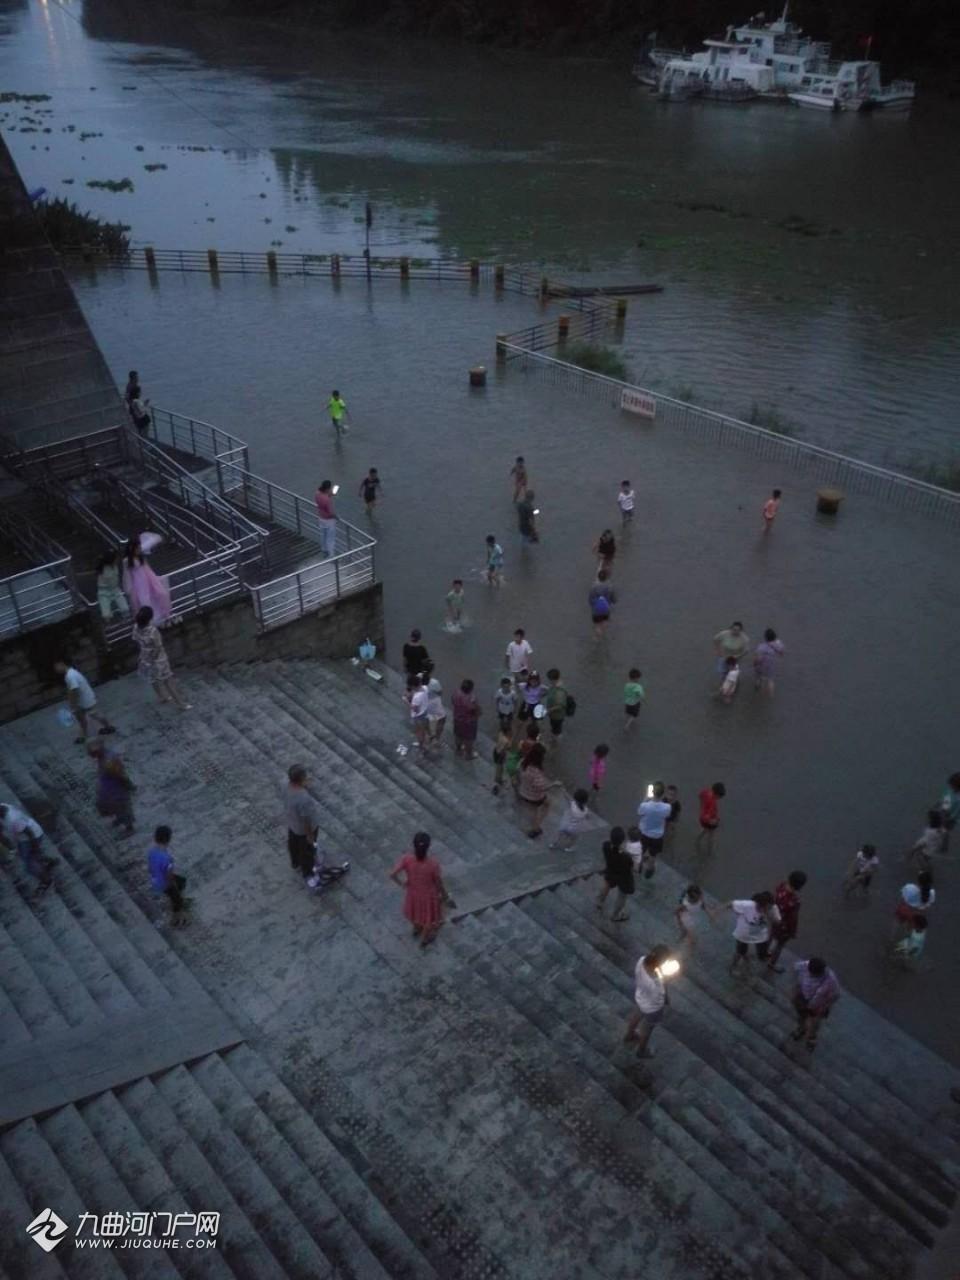 资阳沱三桥渡船码头变天然游泳池了?简直可以摸鱼了哈!